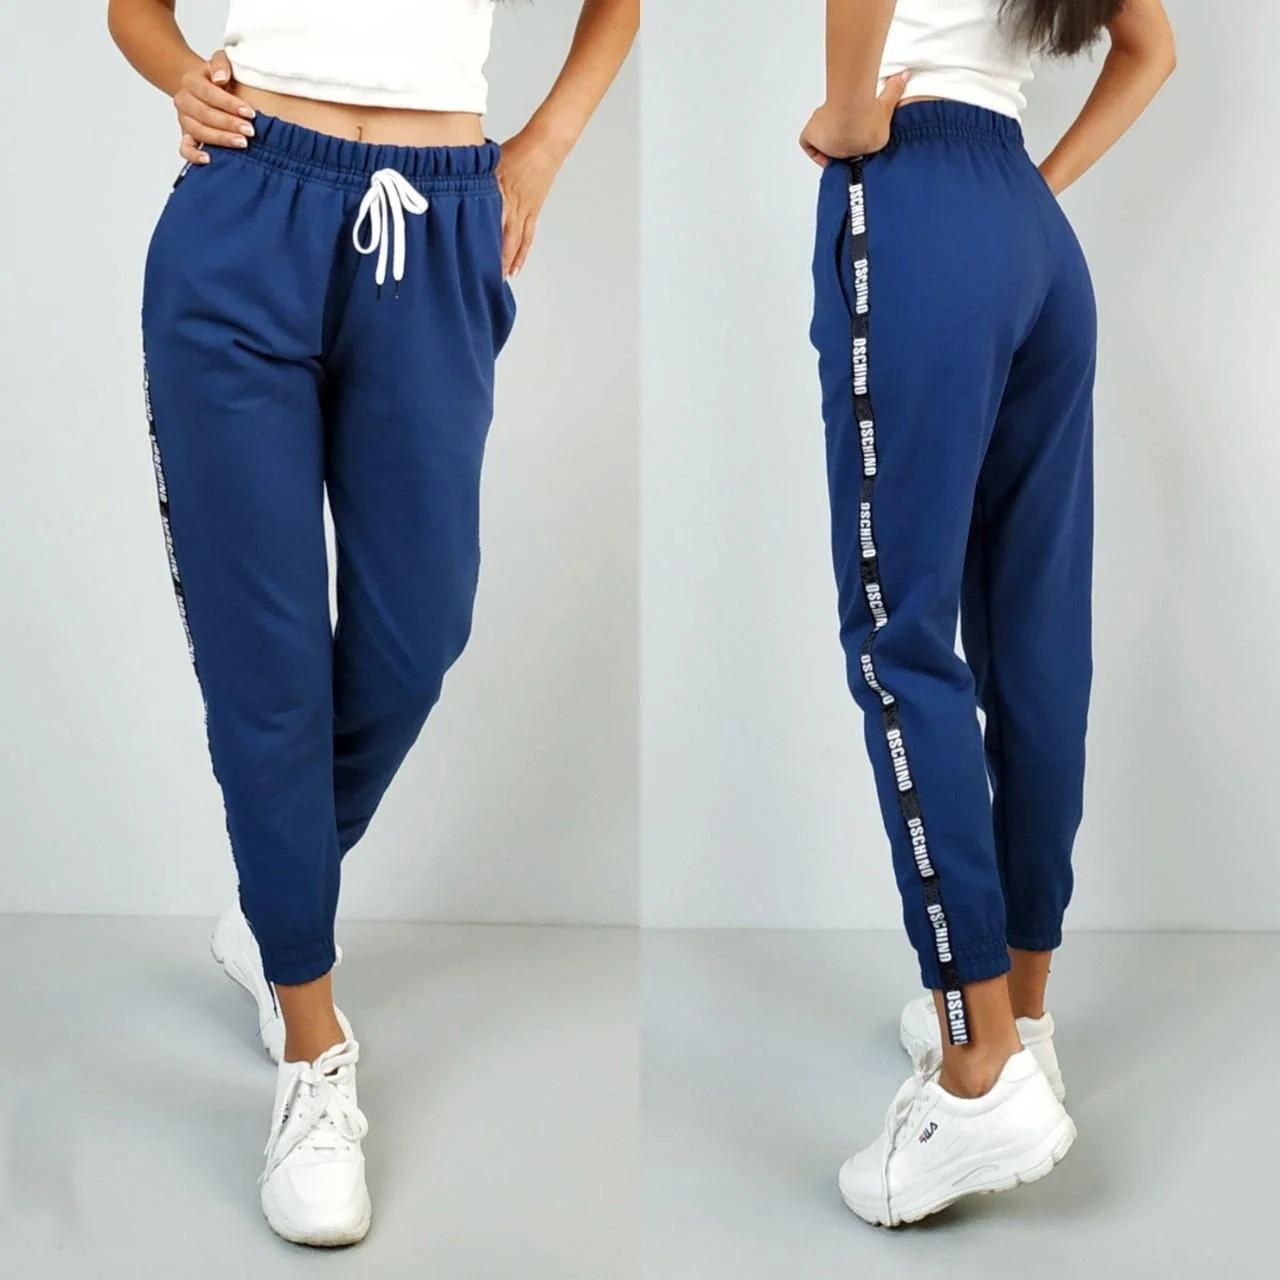 Спортивные штаны женские синие трикотаж с манжетами р. 50 Оschino (1227032925)